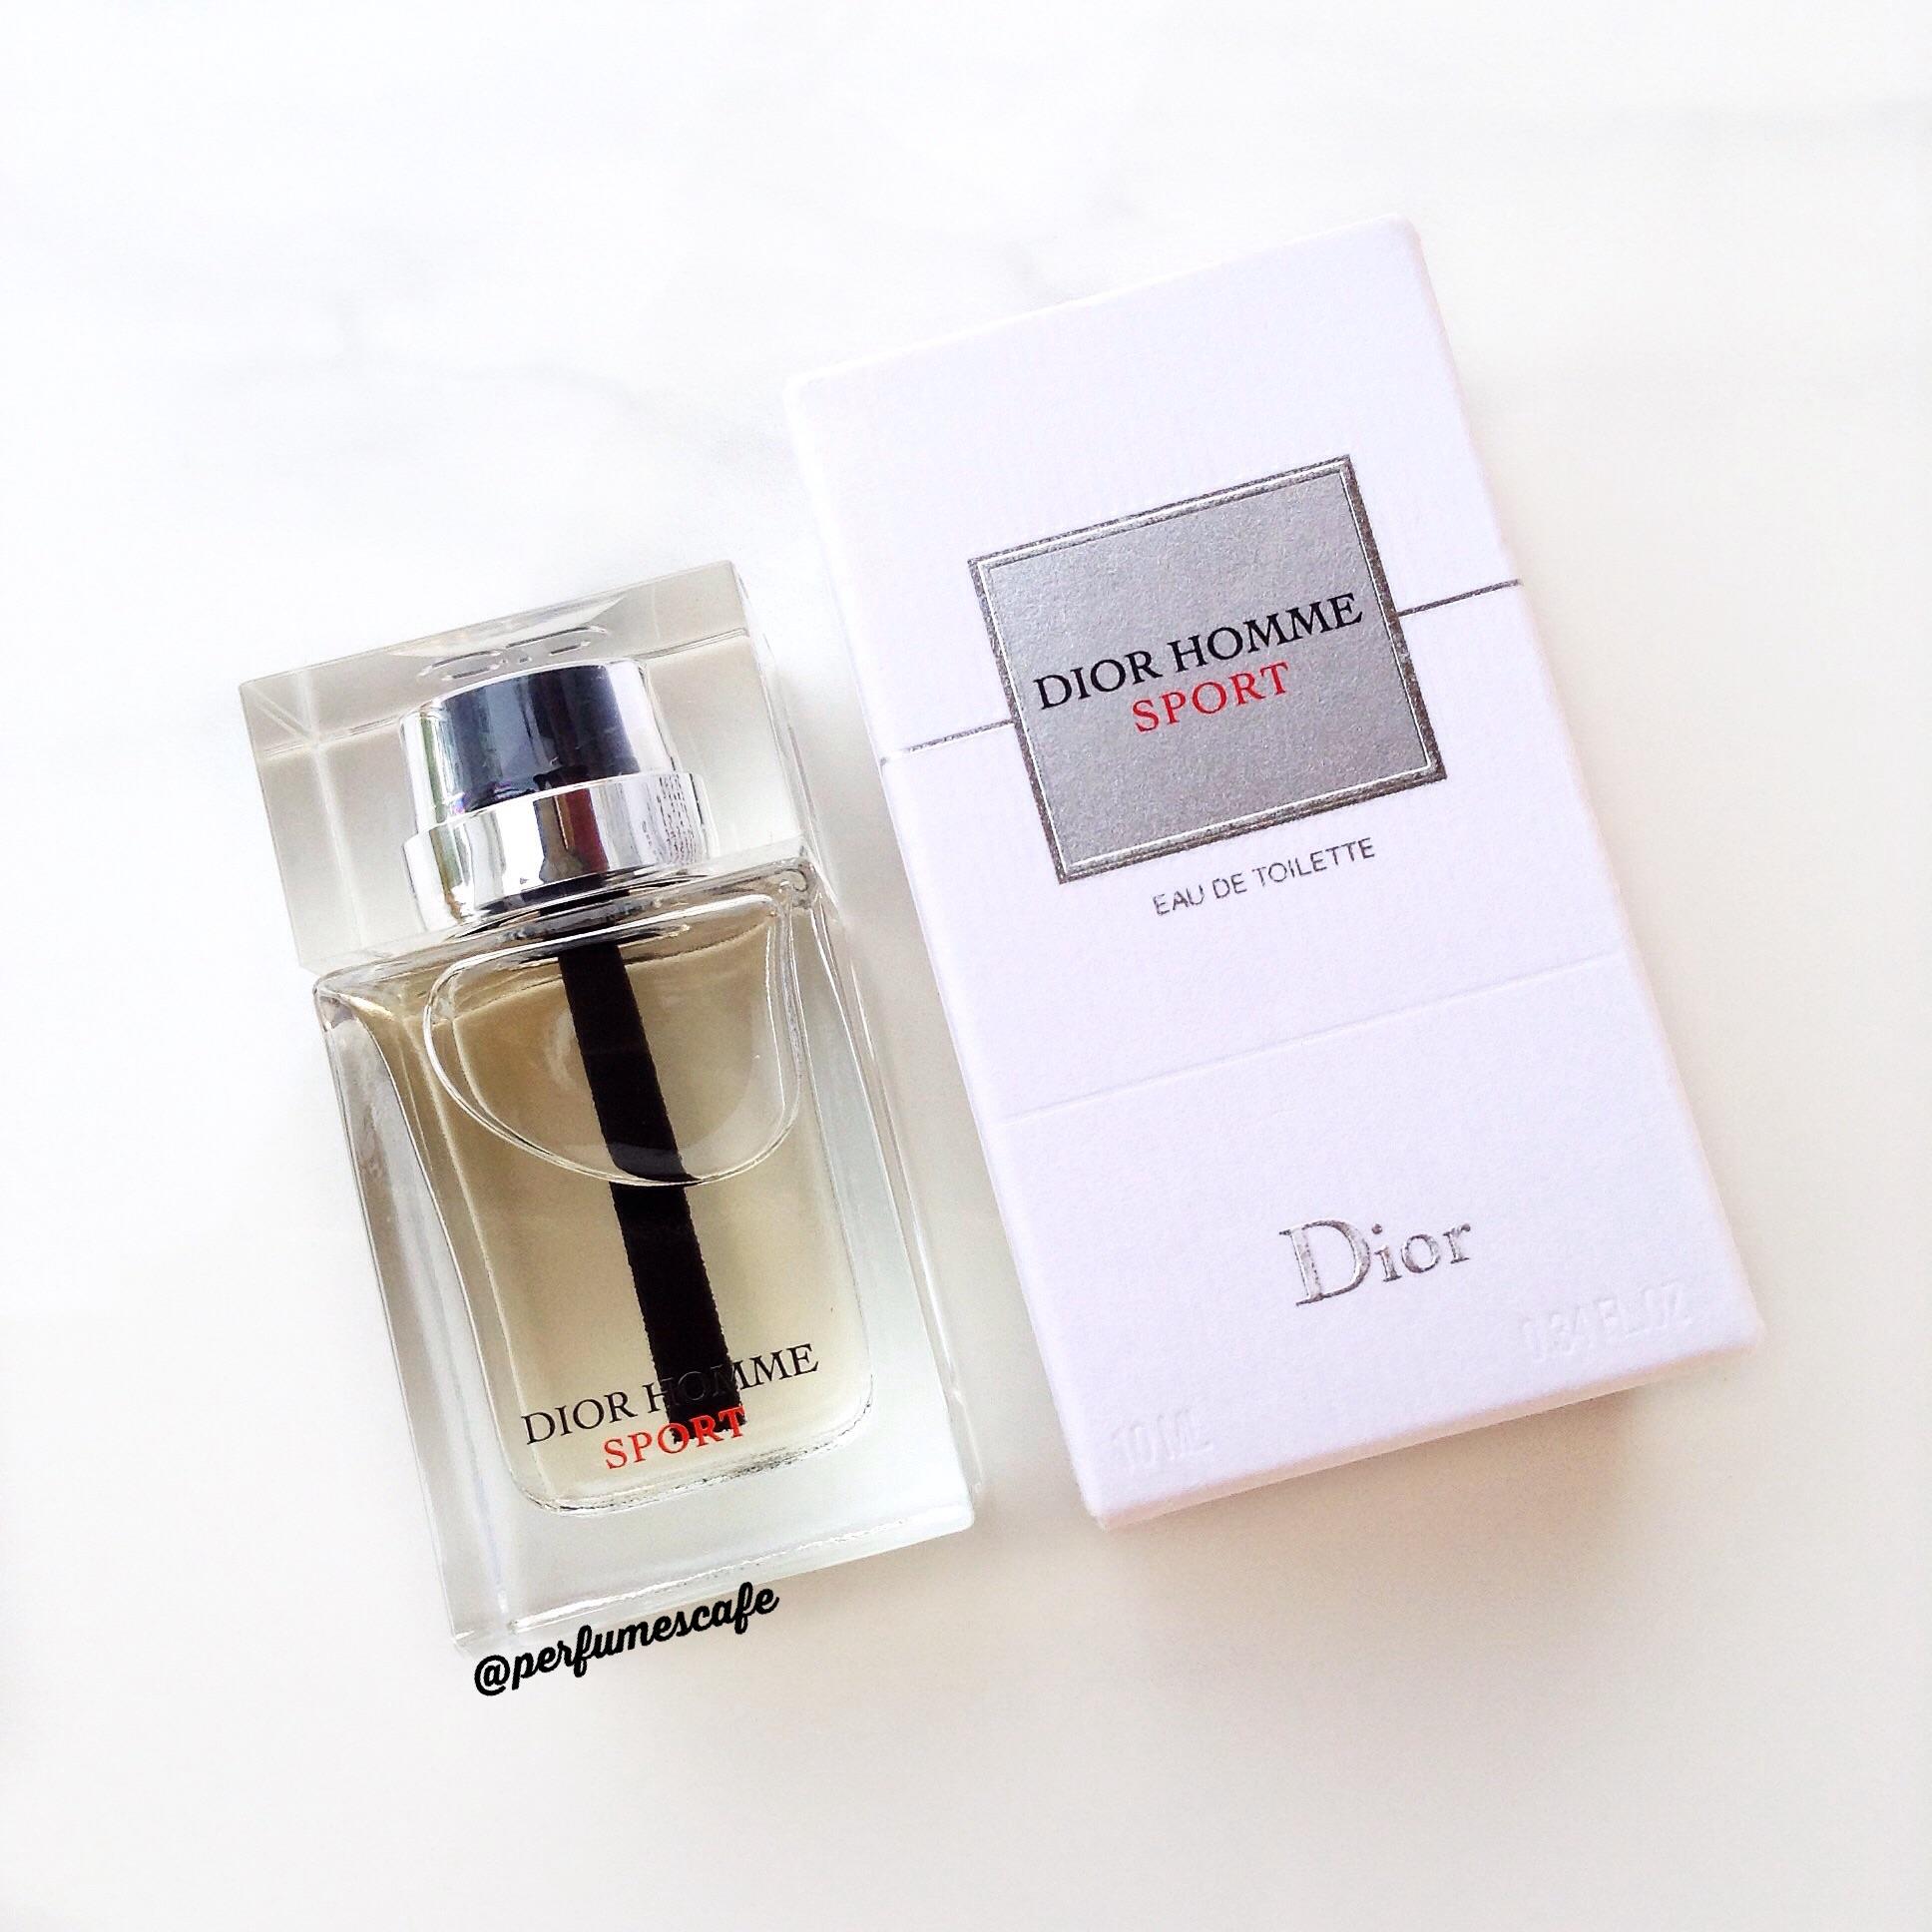 น้ำหอม Dior Homme Sport 2017 ขนาด 10ml. แบบแต้ม